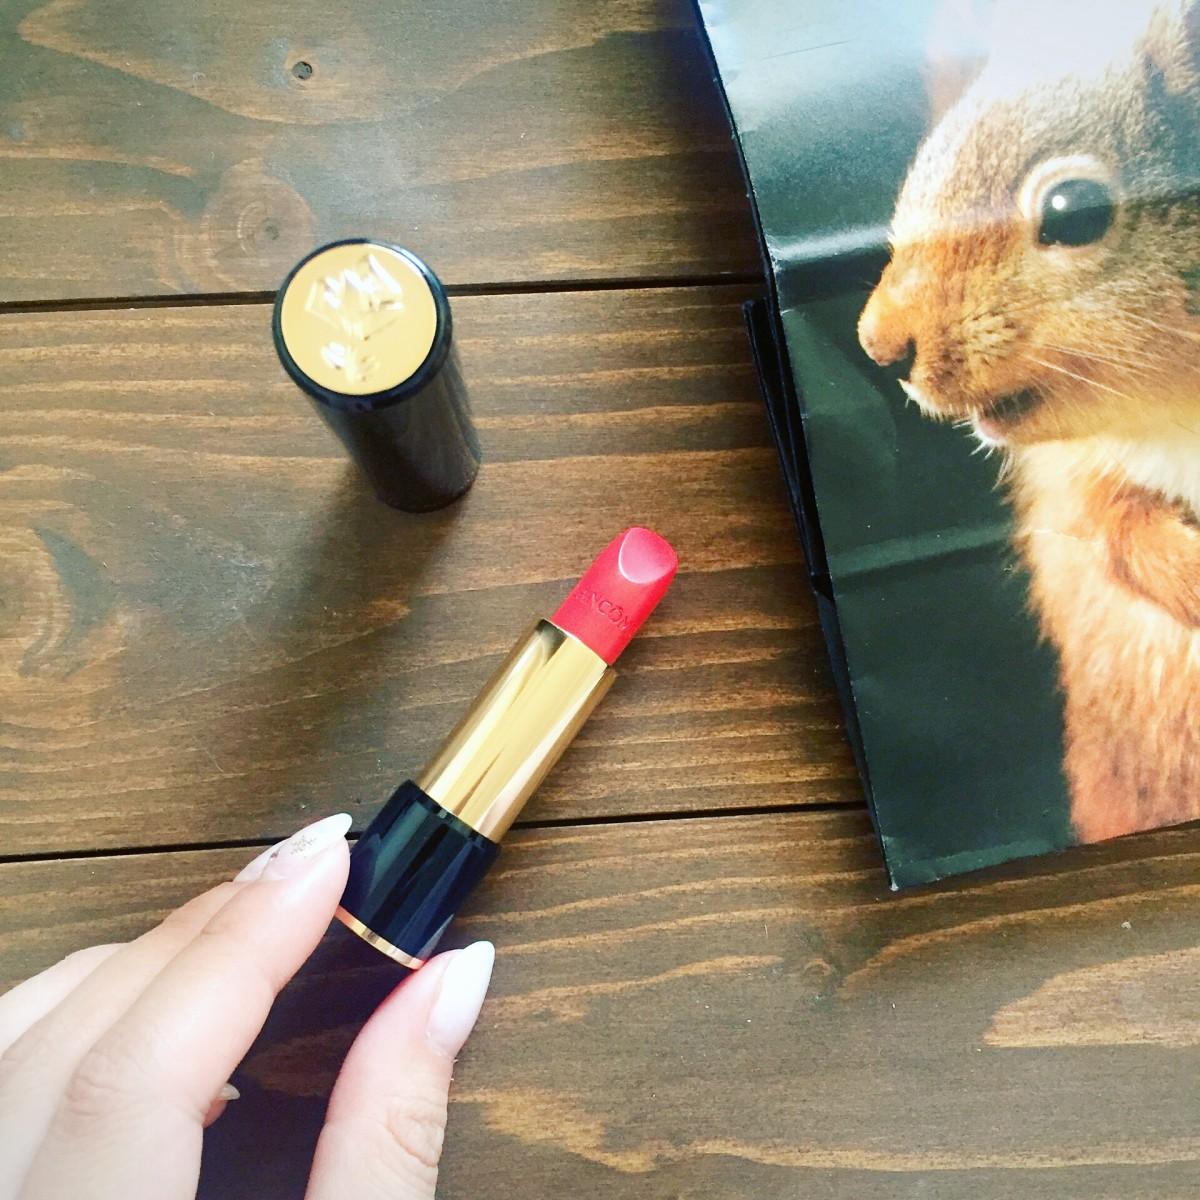 2017年もリップ熱が止まらない♡ひと塗りでセンシュアルリップが手に入るランコム「ラプソリュ ルージュ」